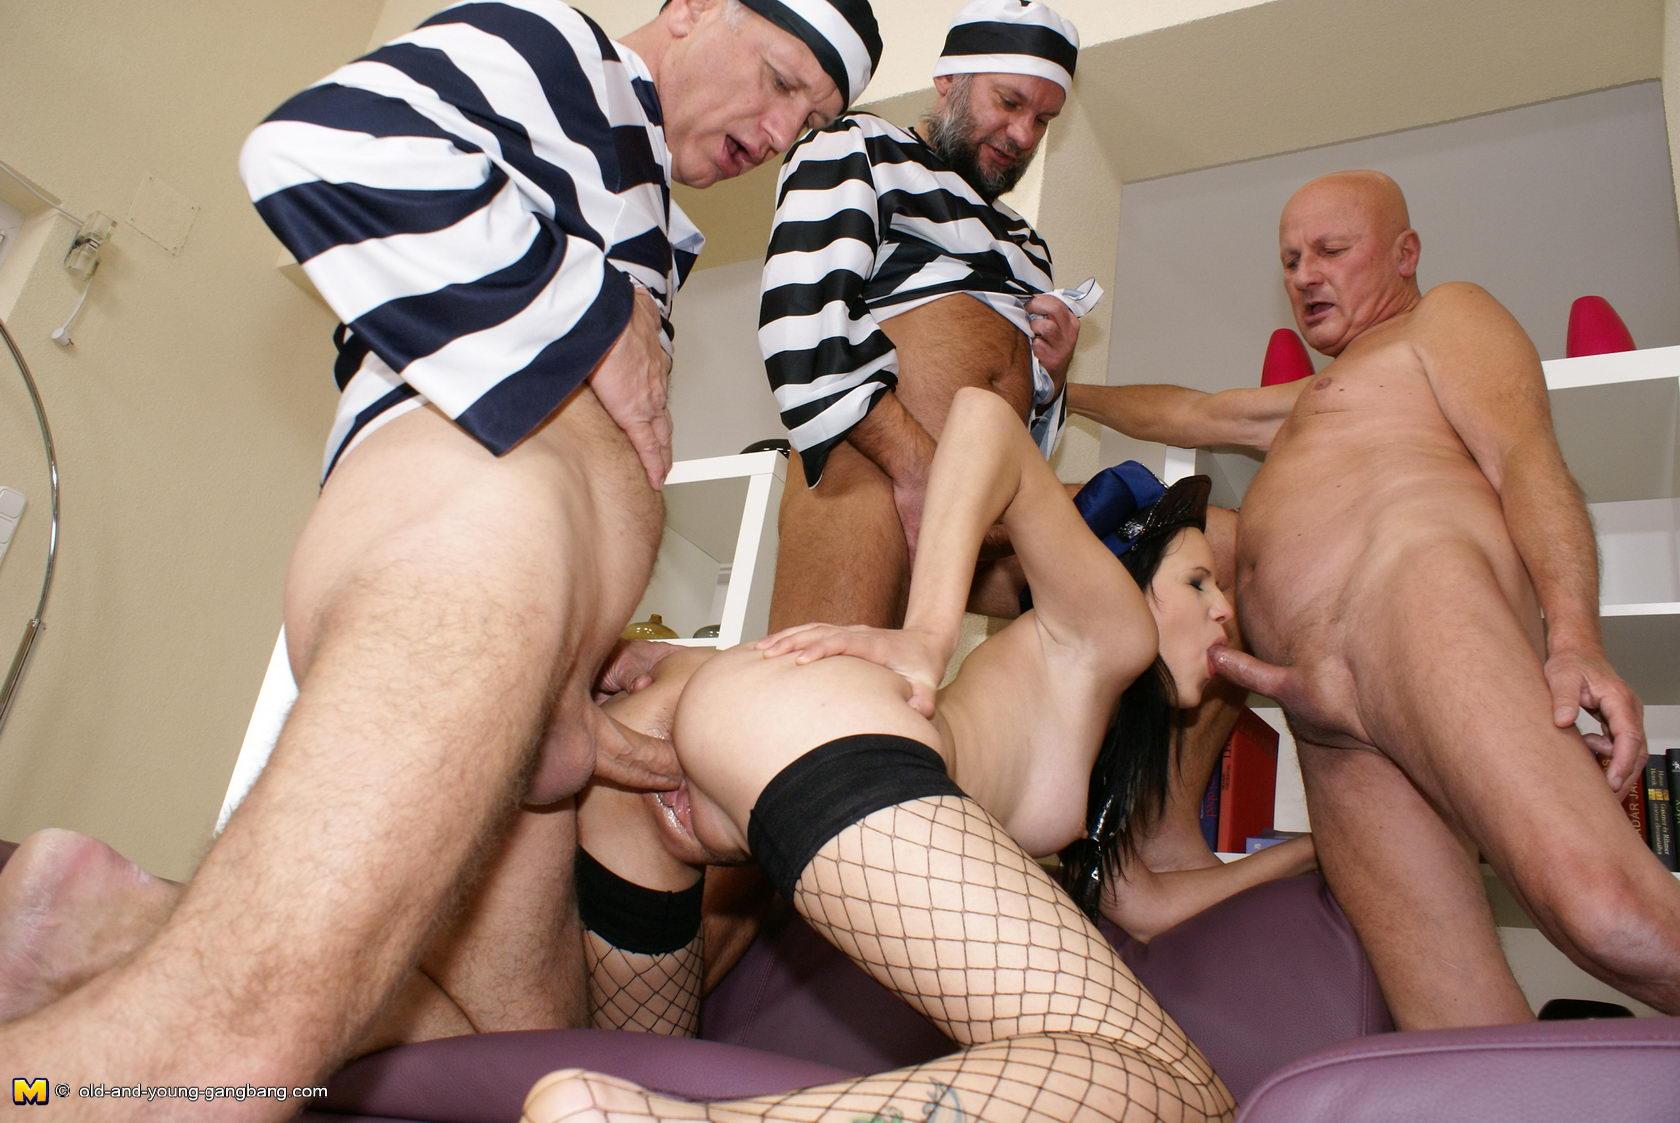 Секс в женской тюрьме смотреть бесплатно 5 фотография